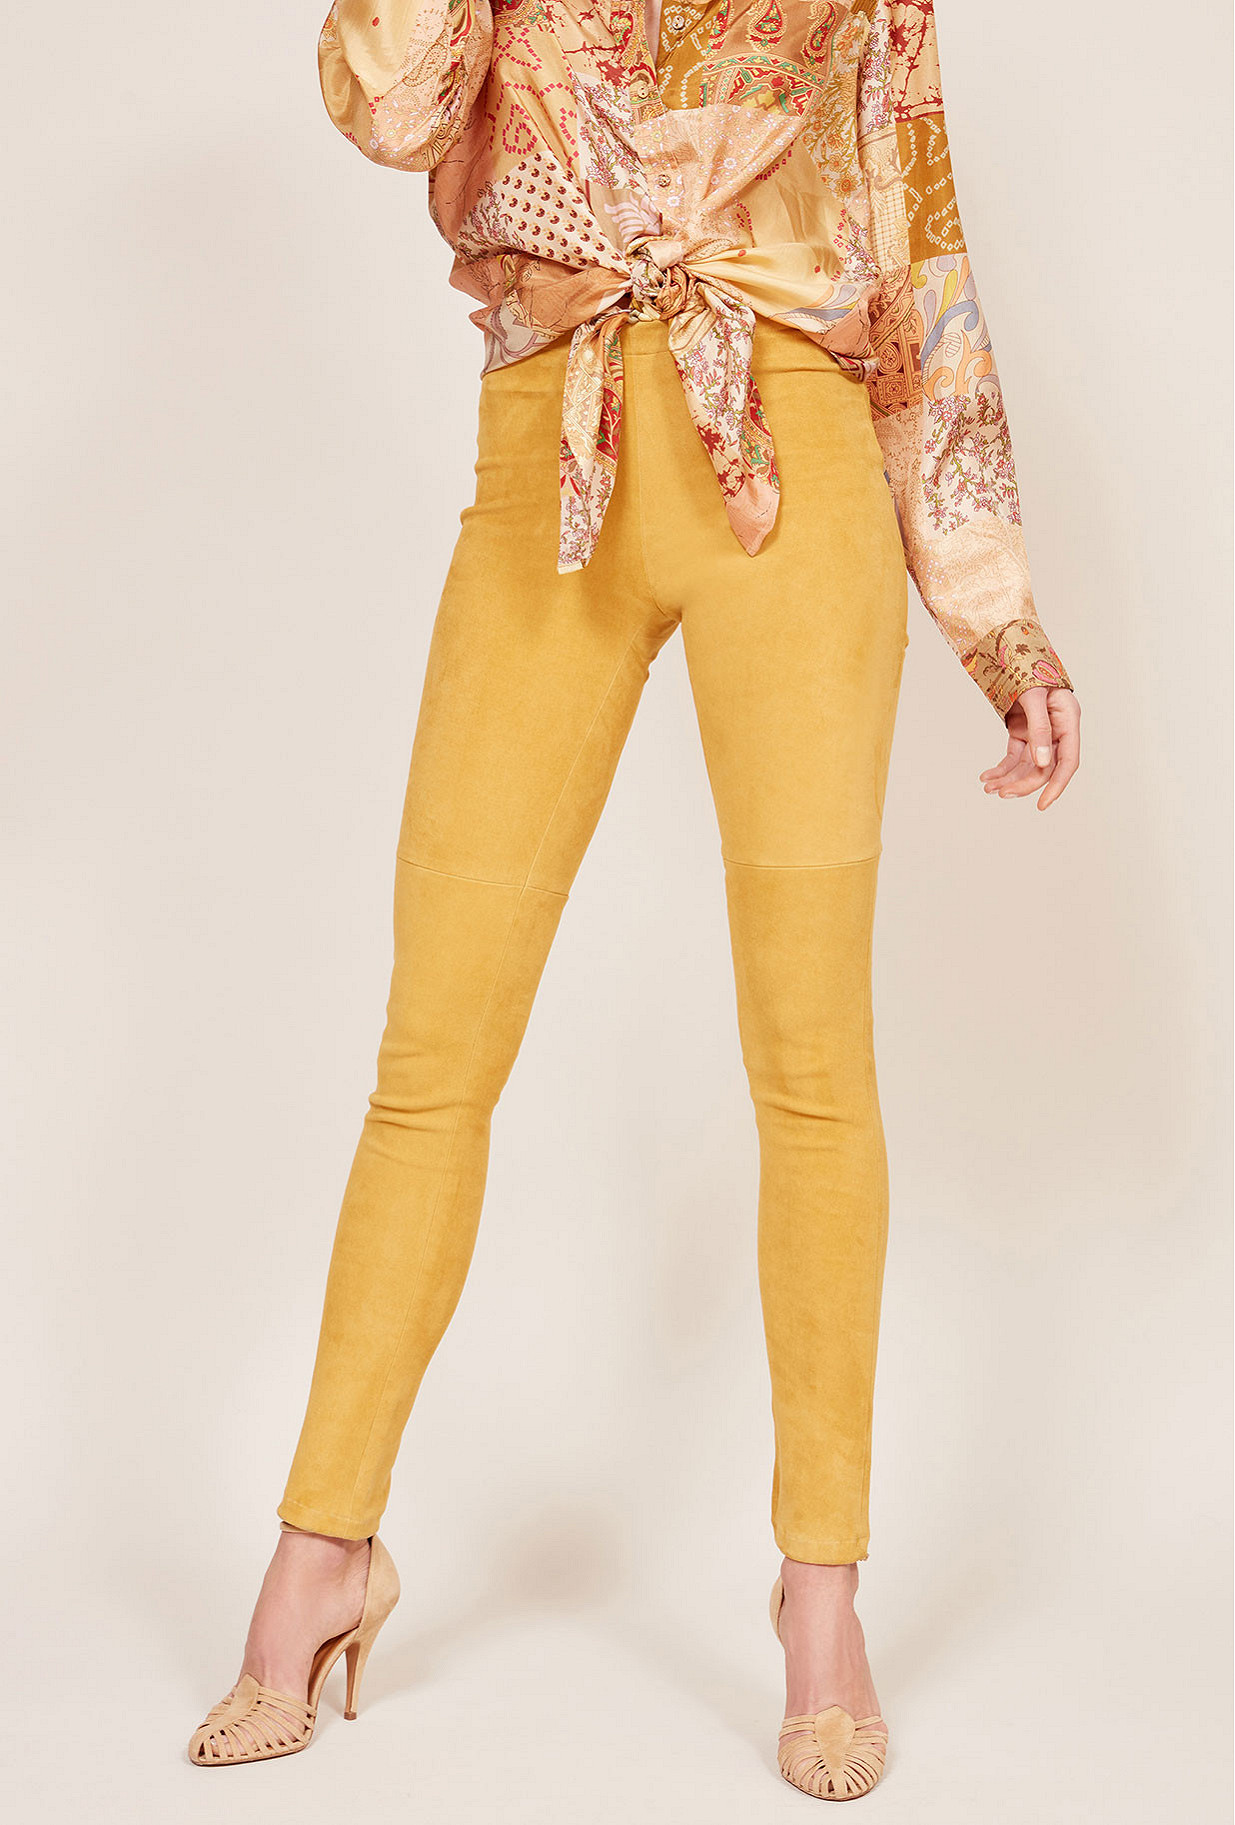 Legging Jaune  Esther mes demoiselles paris vêtement femme paris